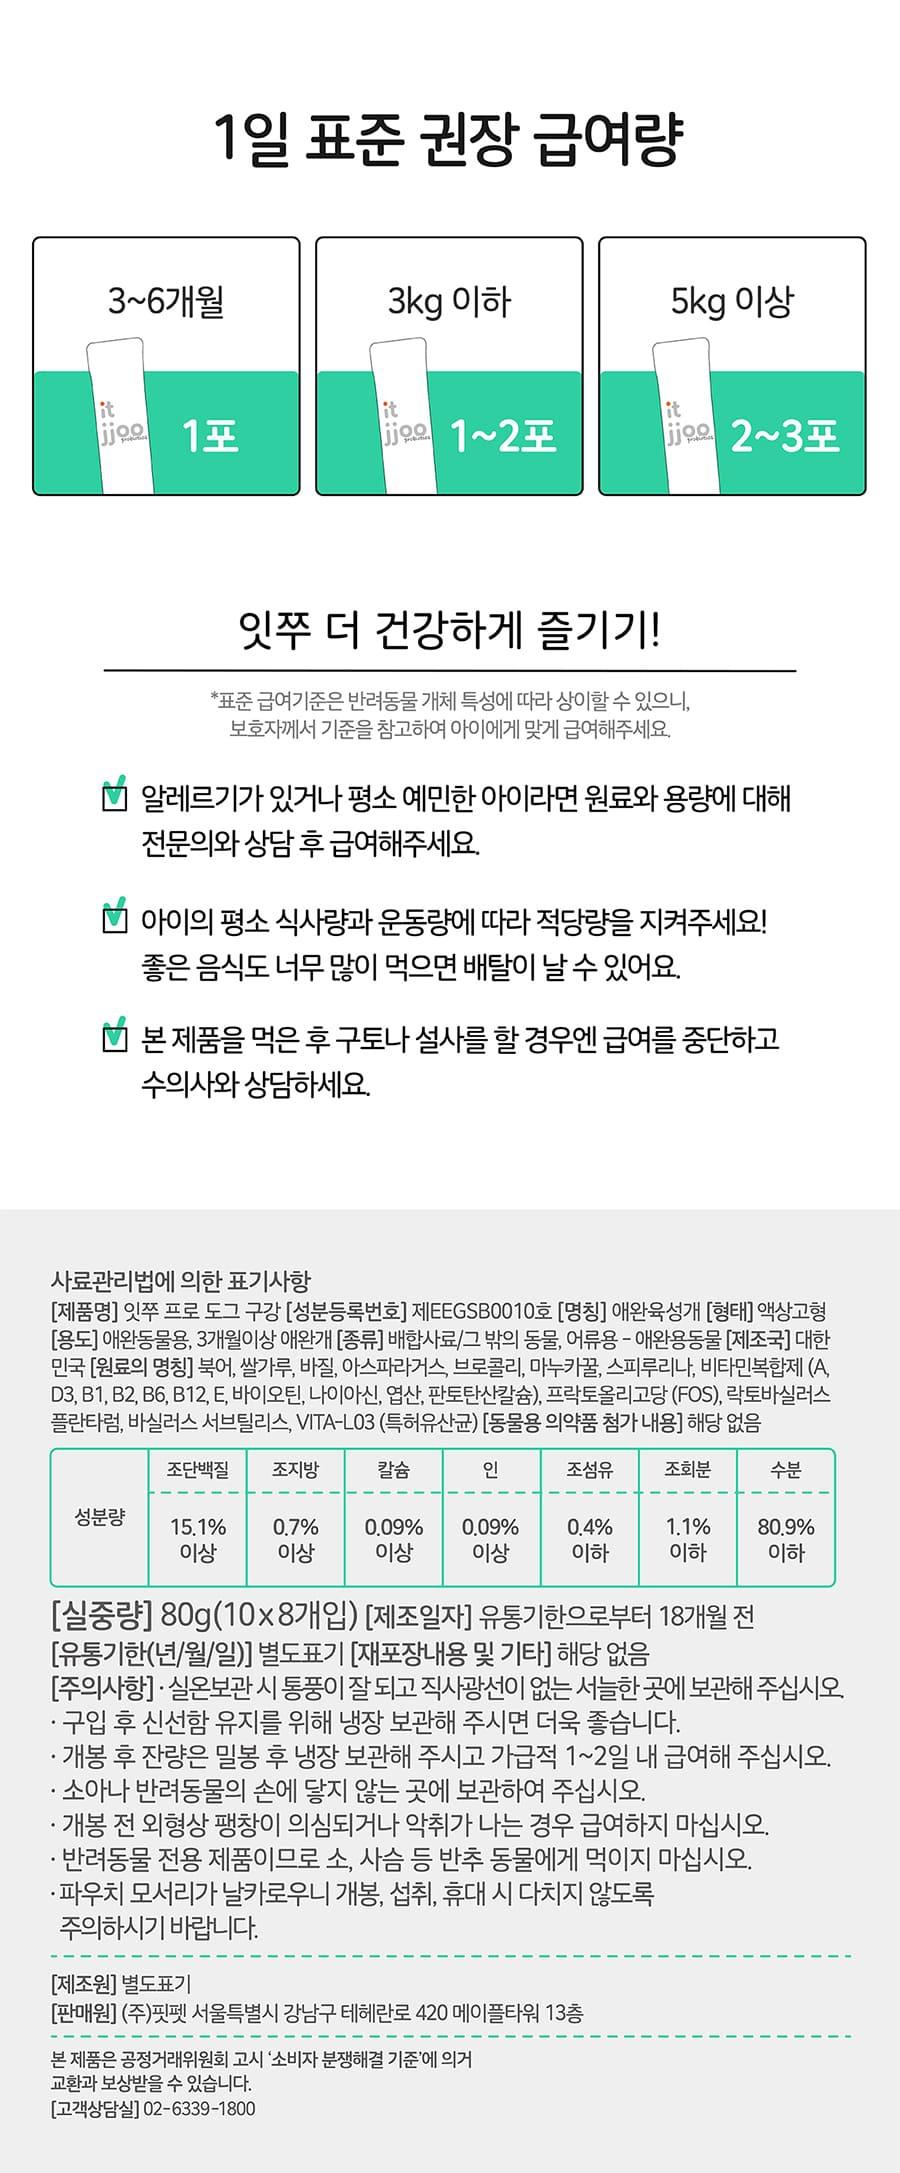 It 잇쭈 프로 도그 3종 (구강/비만/면역)-상품이미지-10